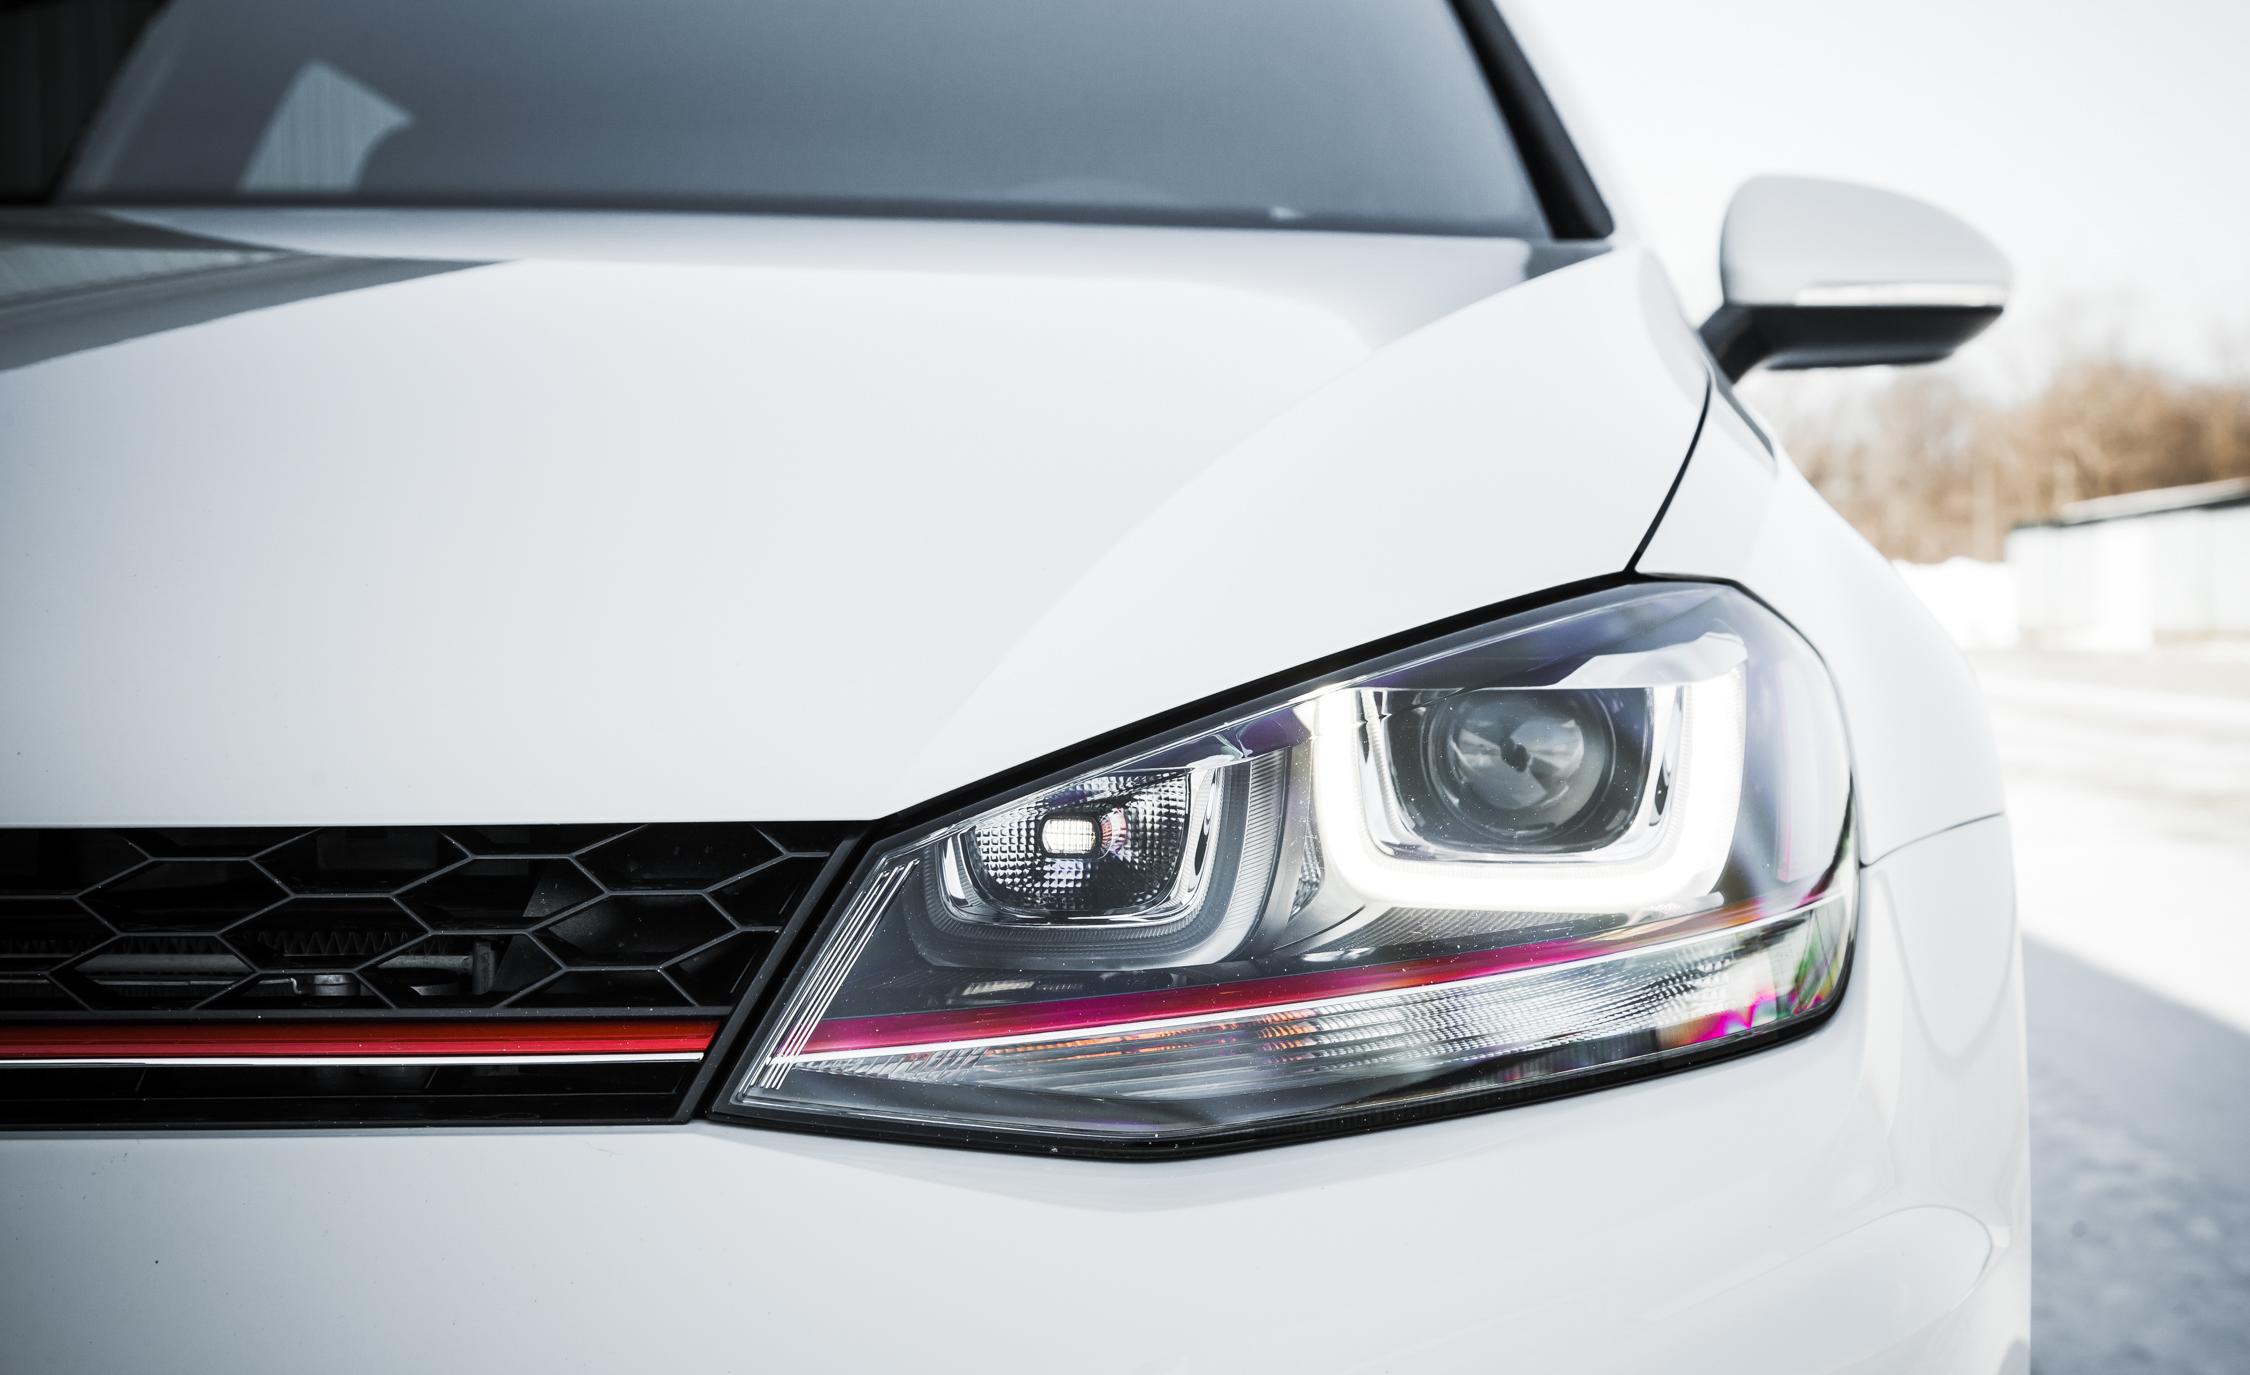 2015 Volkswagen GTI Exterior Headlight